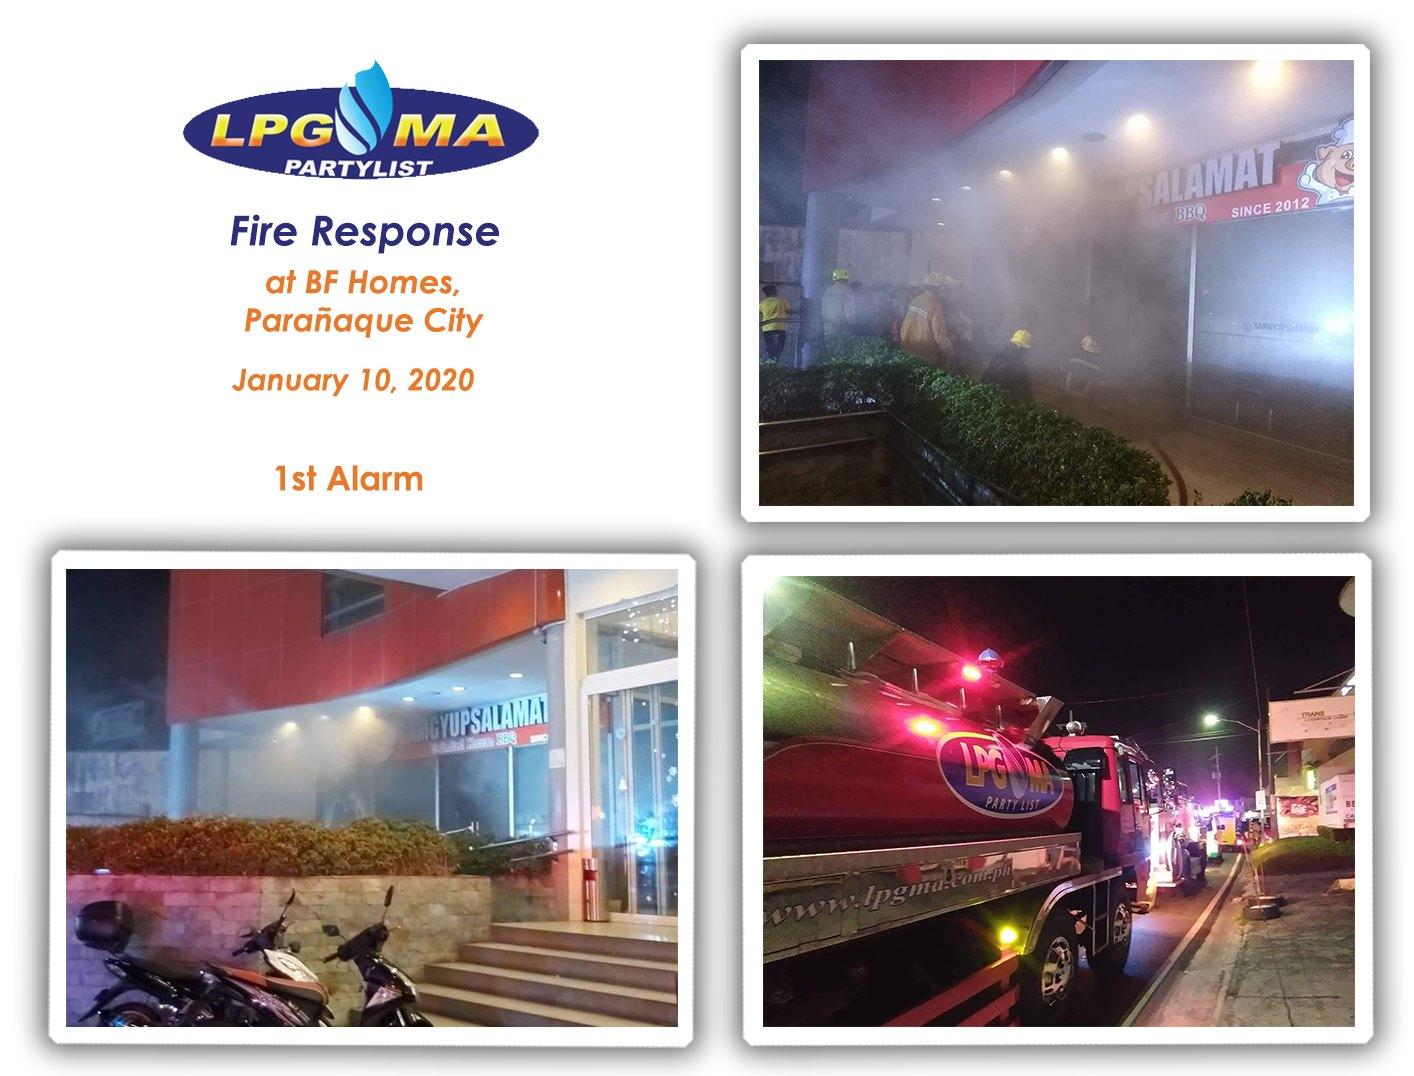 samgyupsalamat - LPGMA Fire Response